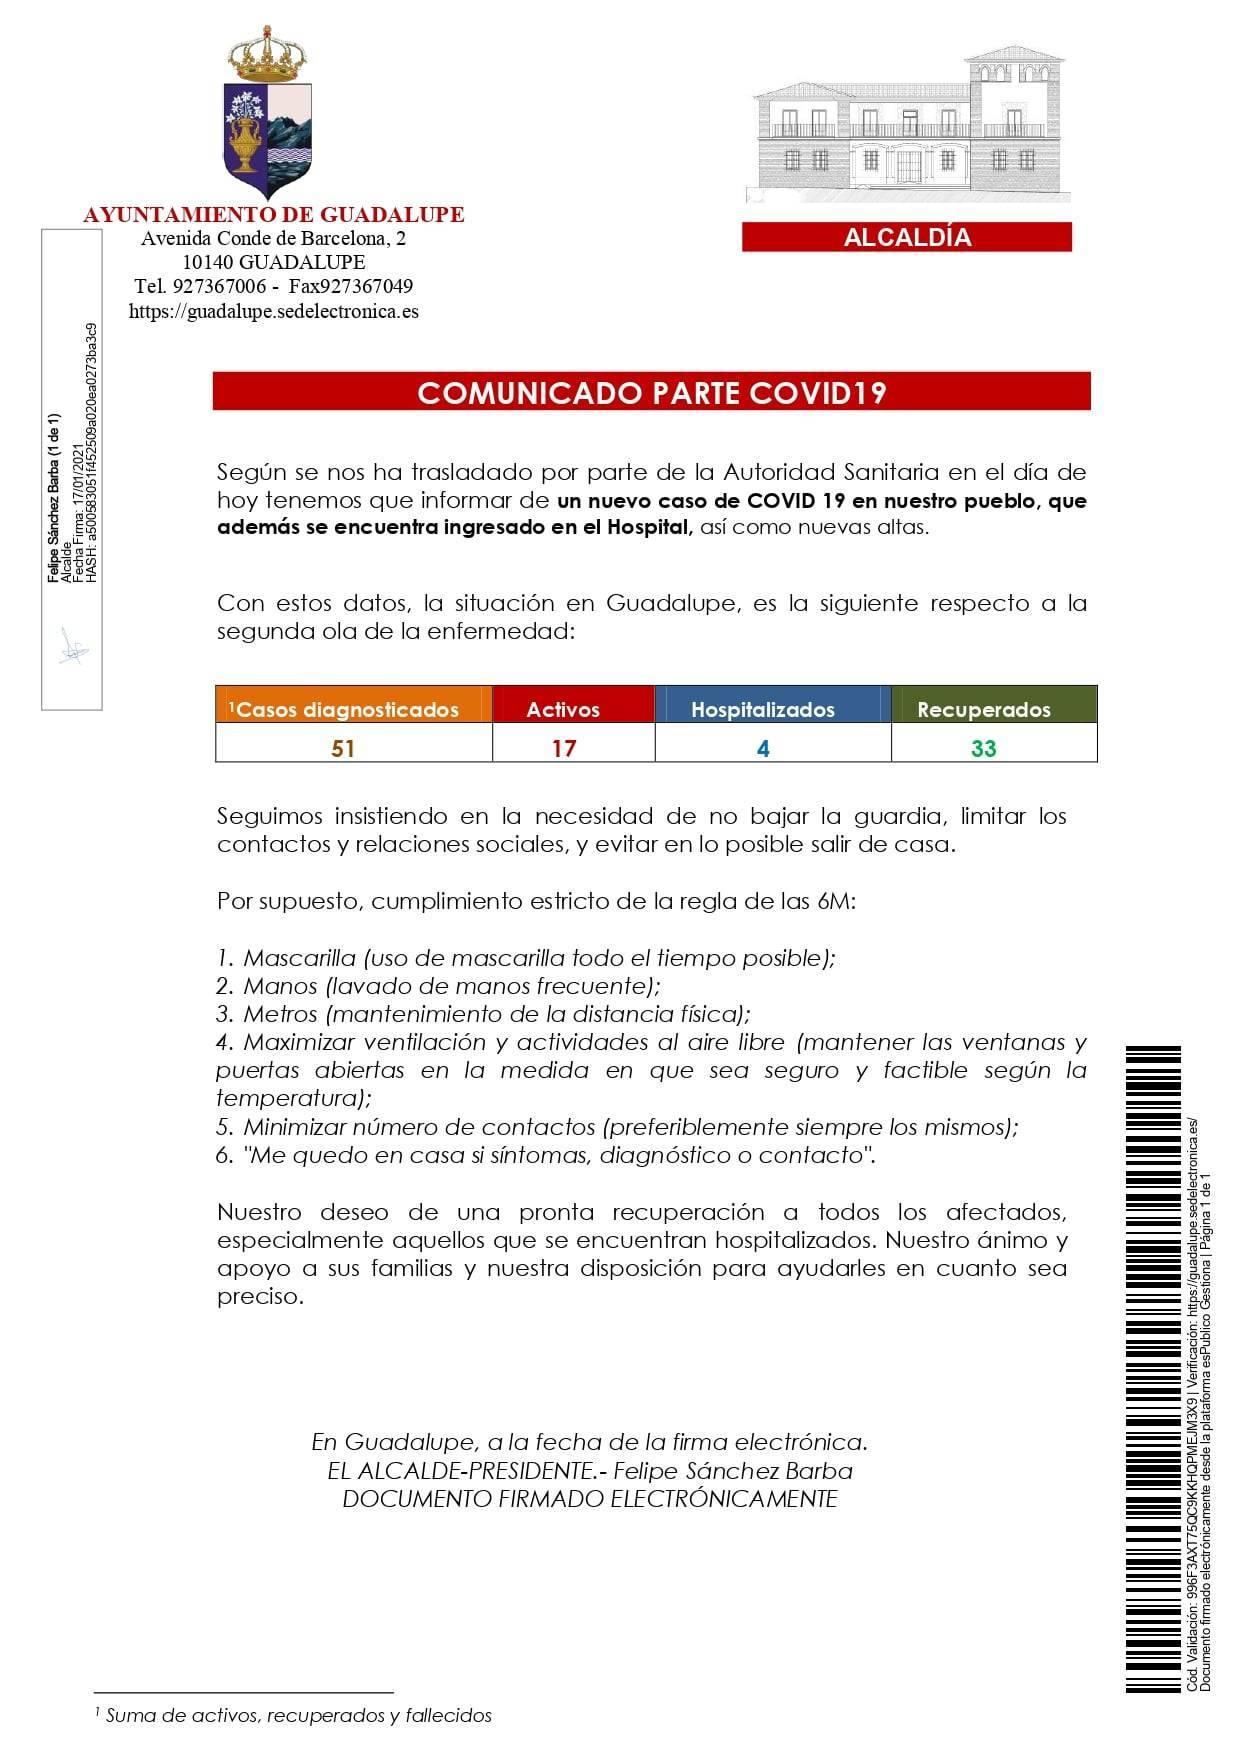 Nuevo hospitalizado y 7 altas de COVID-19 (enero 2021) - Guadalupe (Cáceres) 2